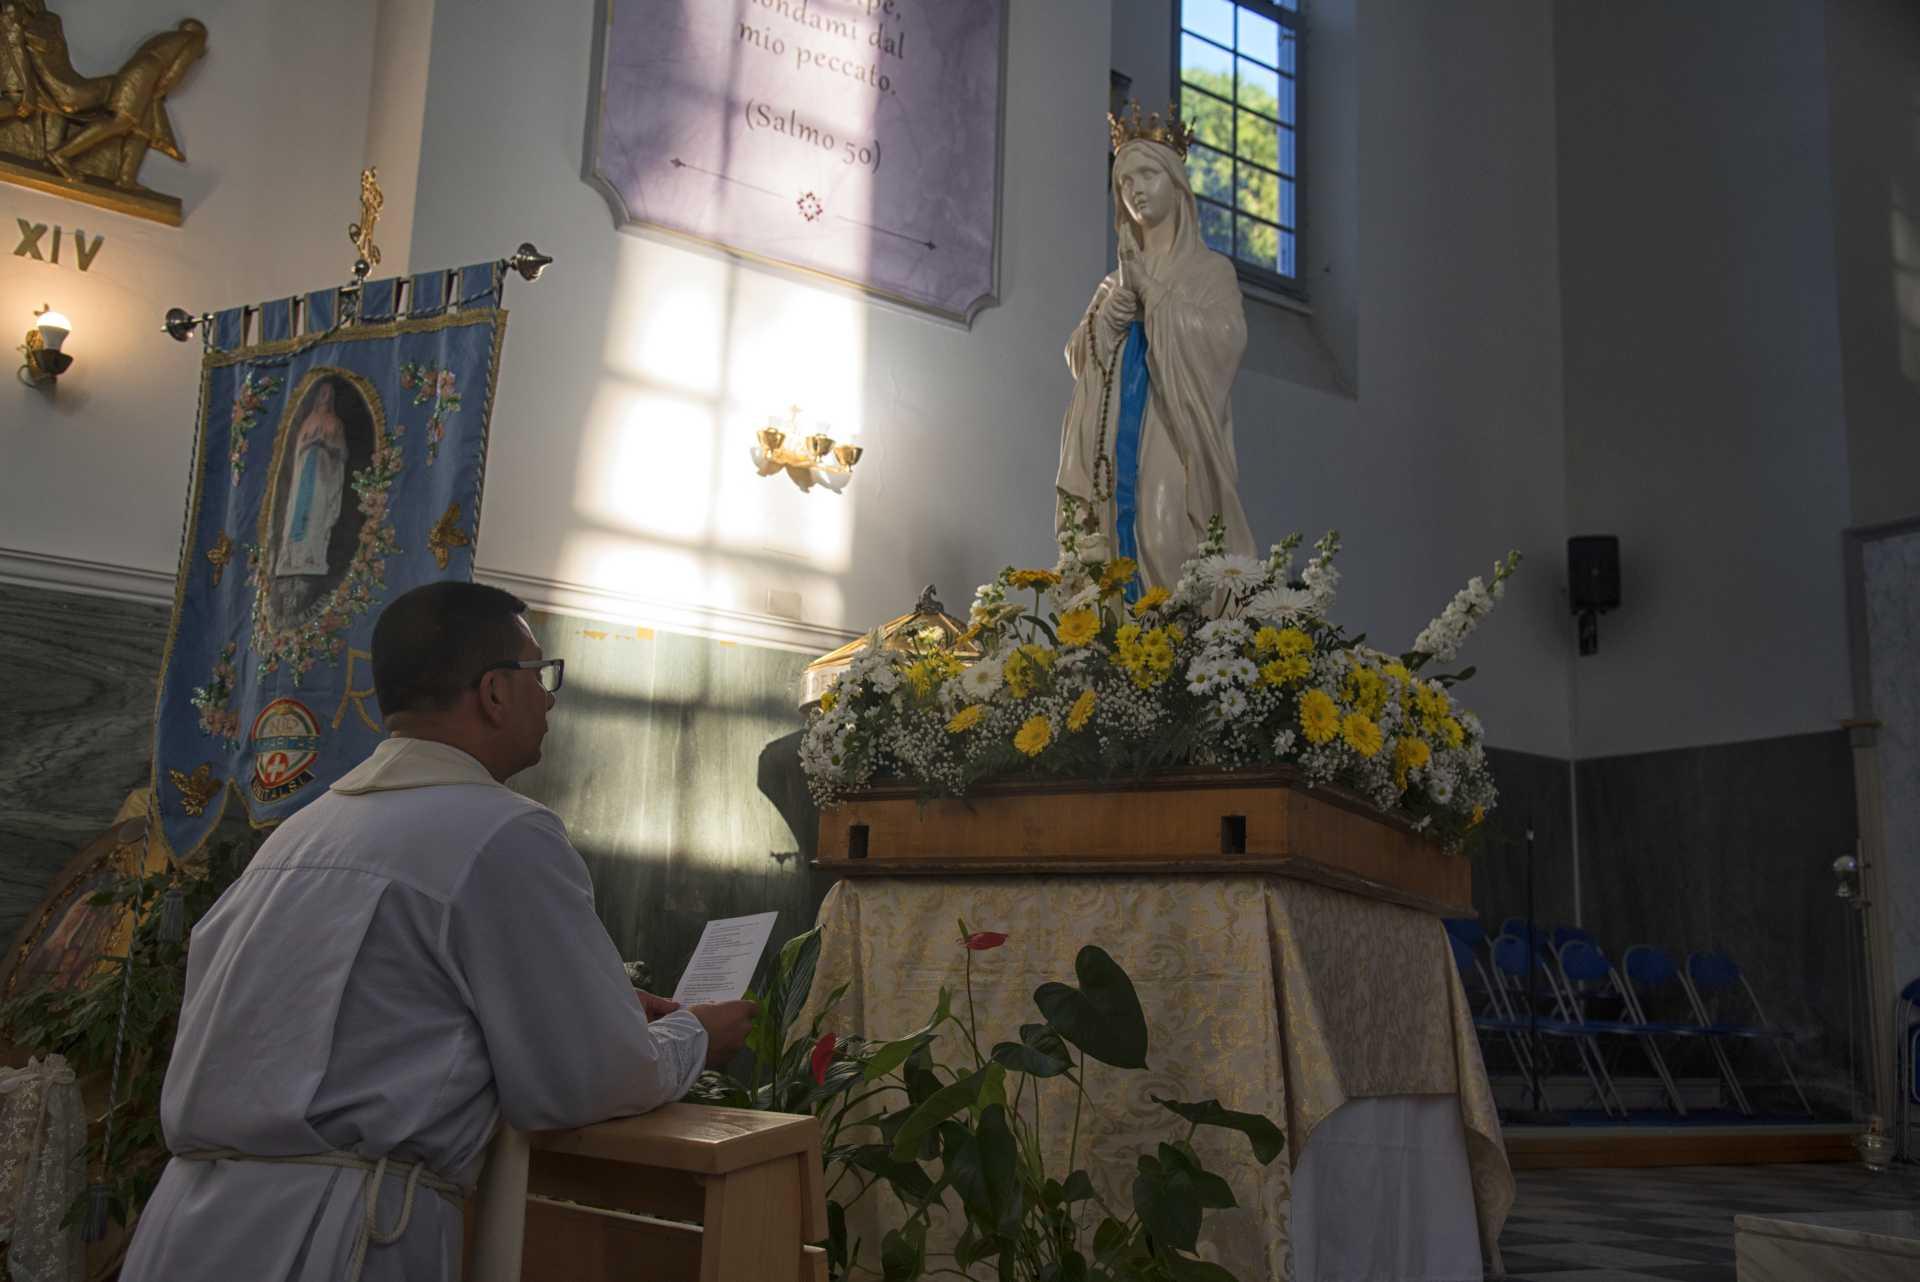 Arrivata la Madonna pellegrina di Lourdes alla Parrocchia di San Nicola